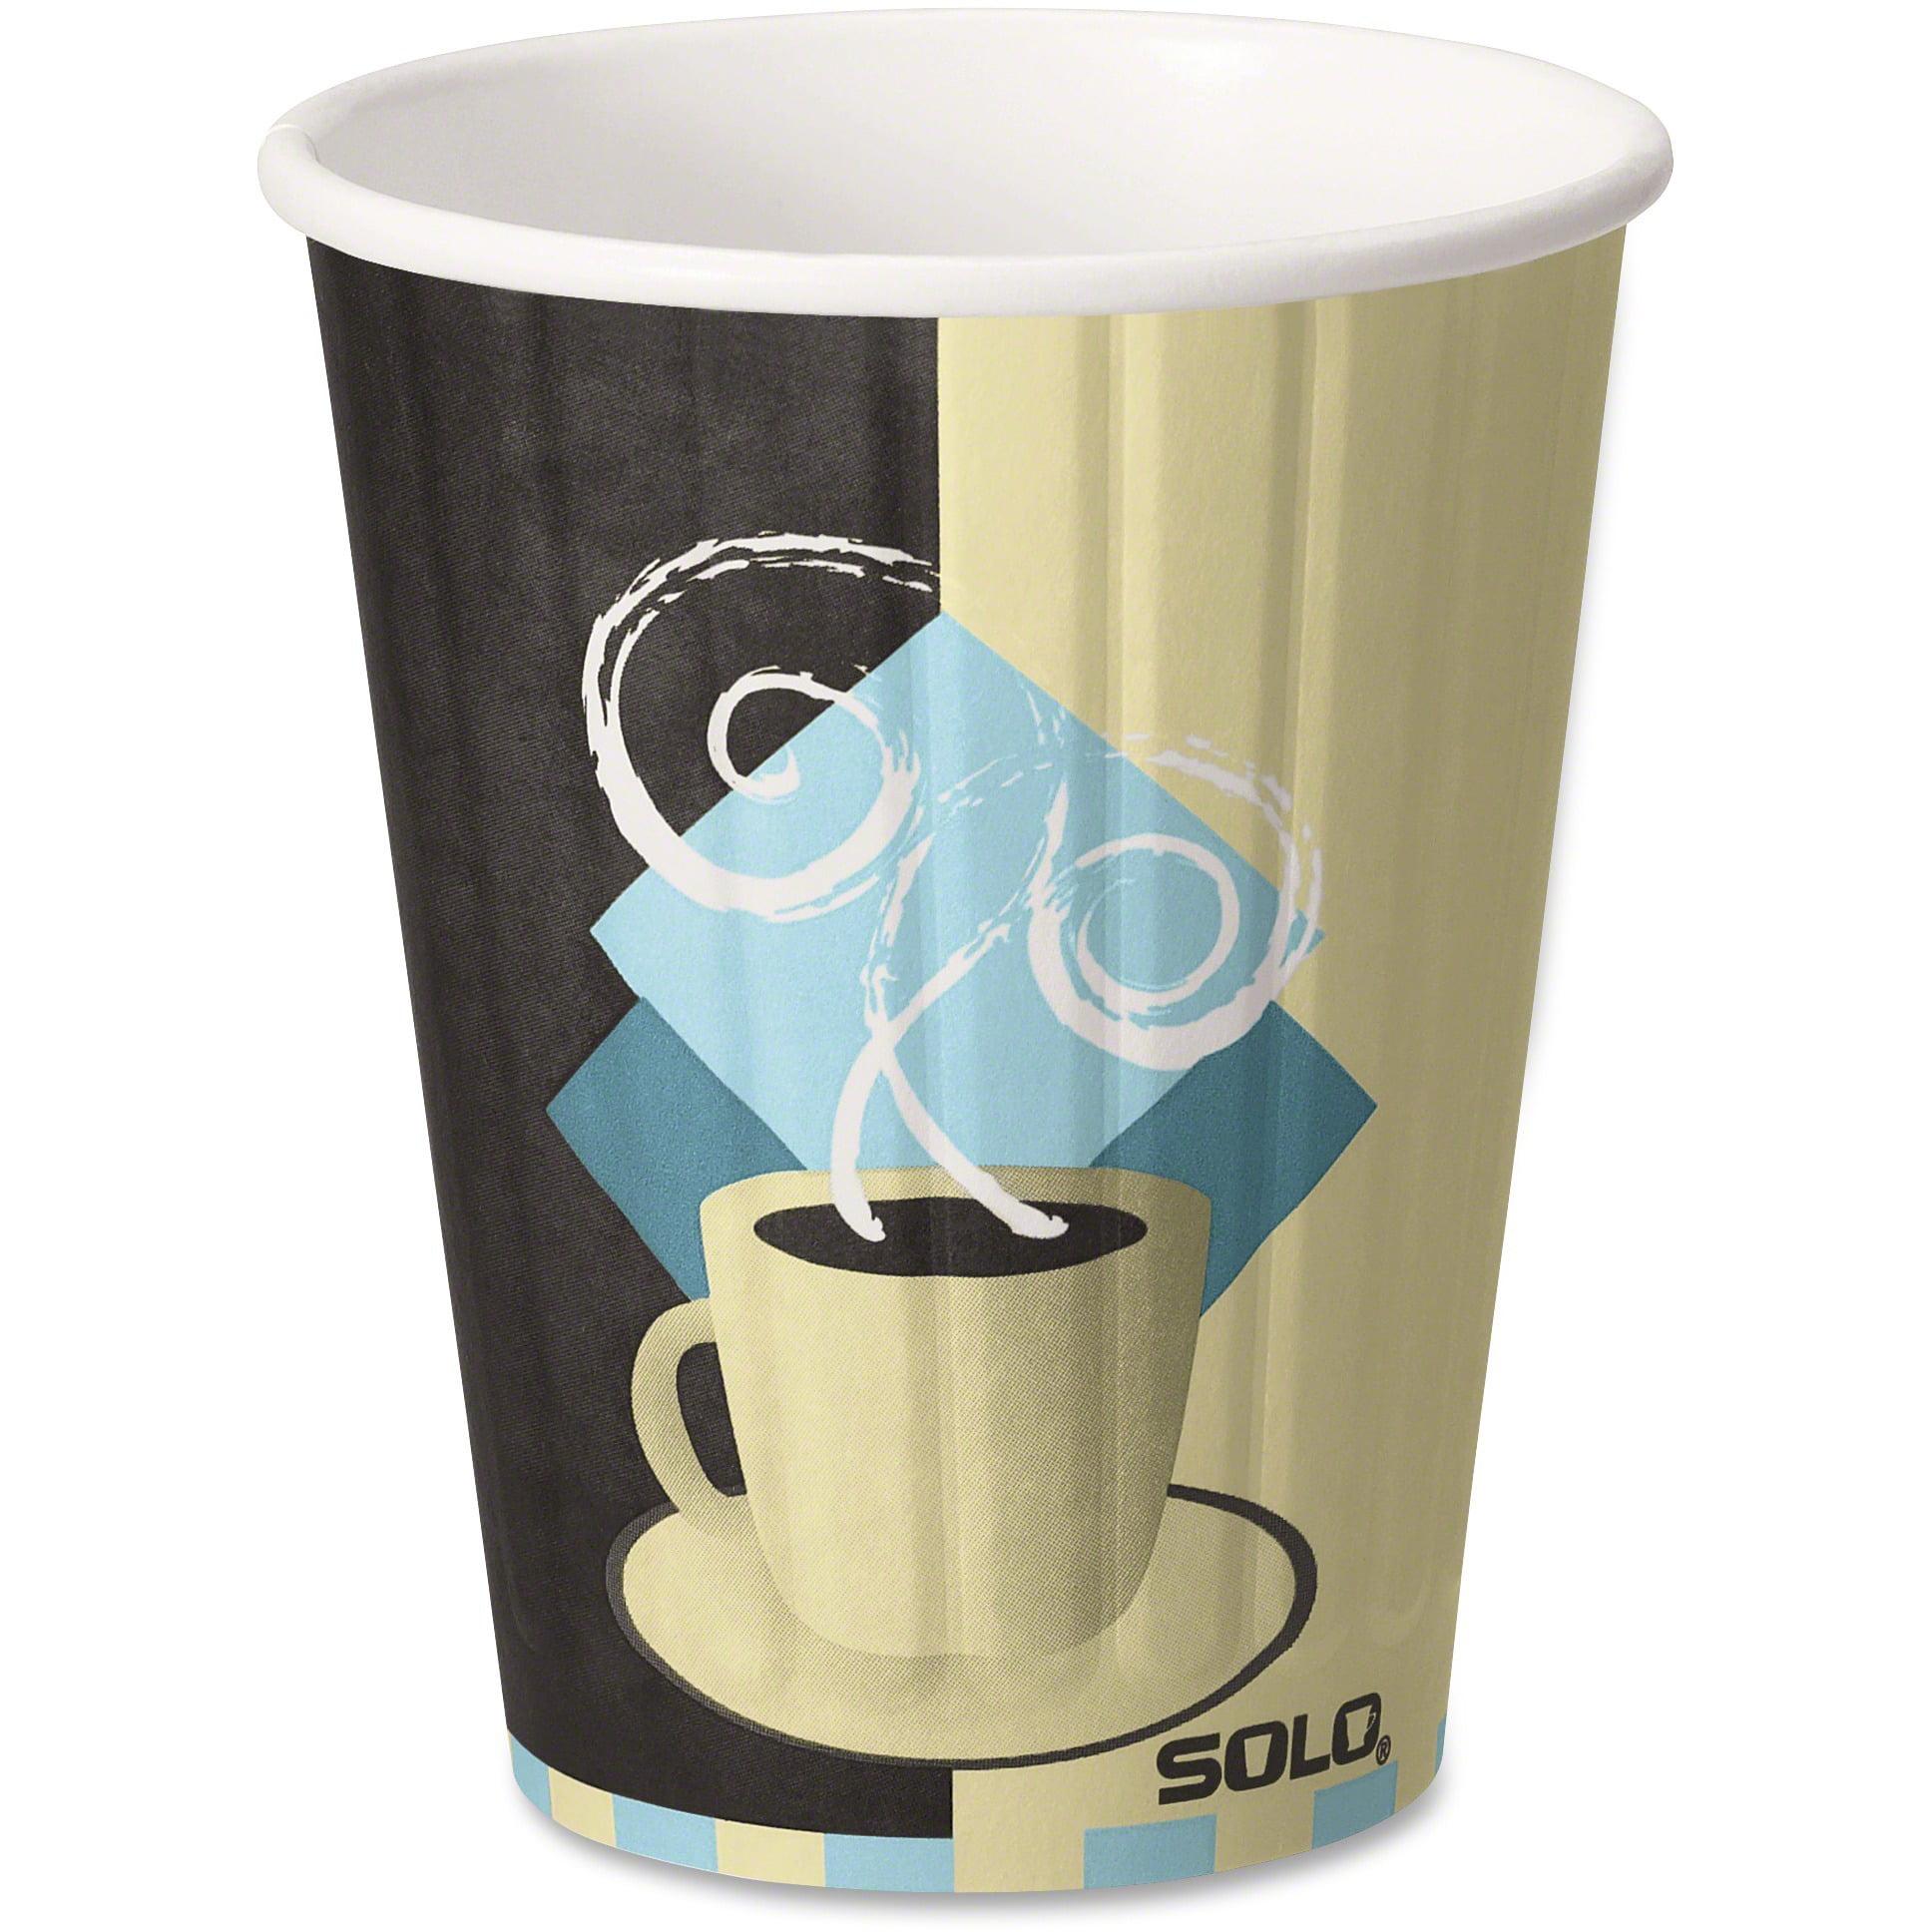 Solo, SCCIC12J7534, Insulated Paper Hot Cups, 600 / Carton, Beige, 12 fl oz